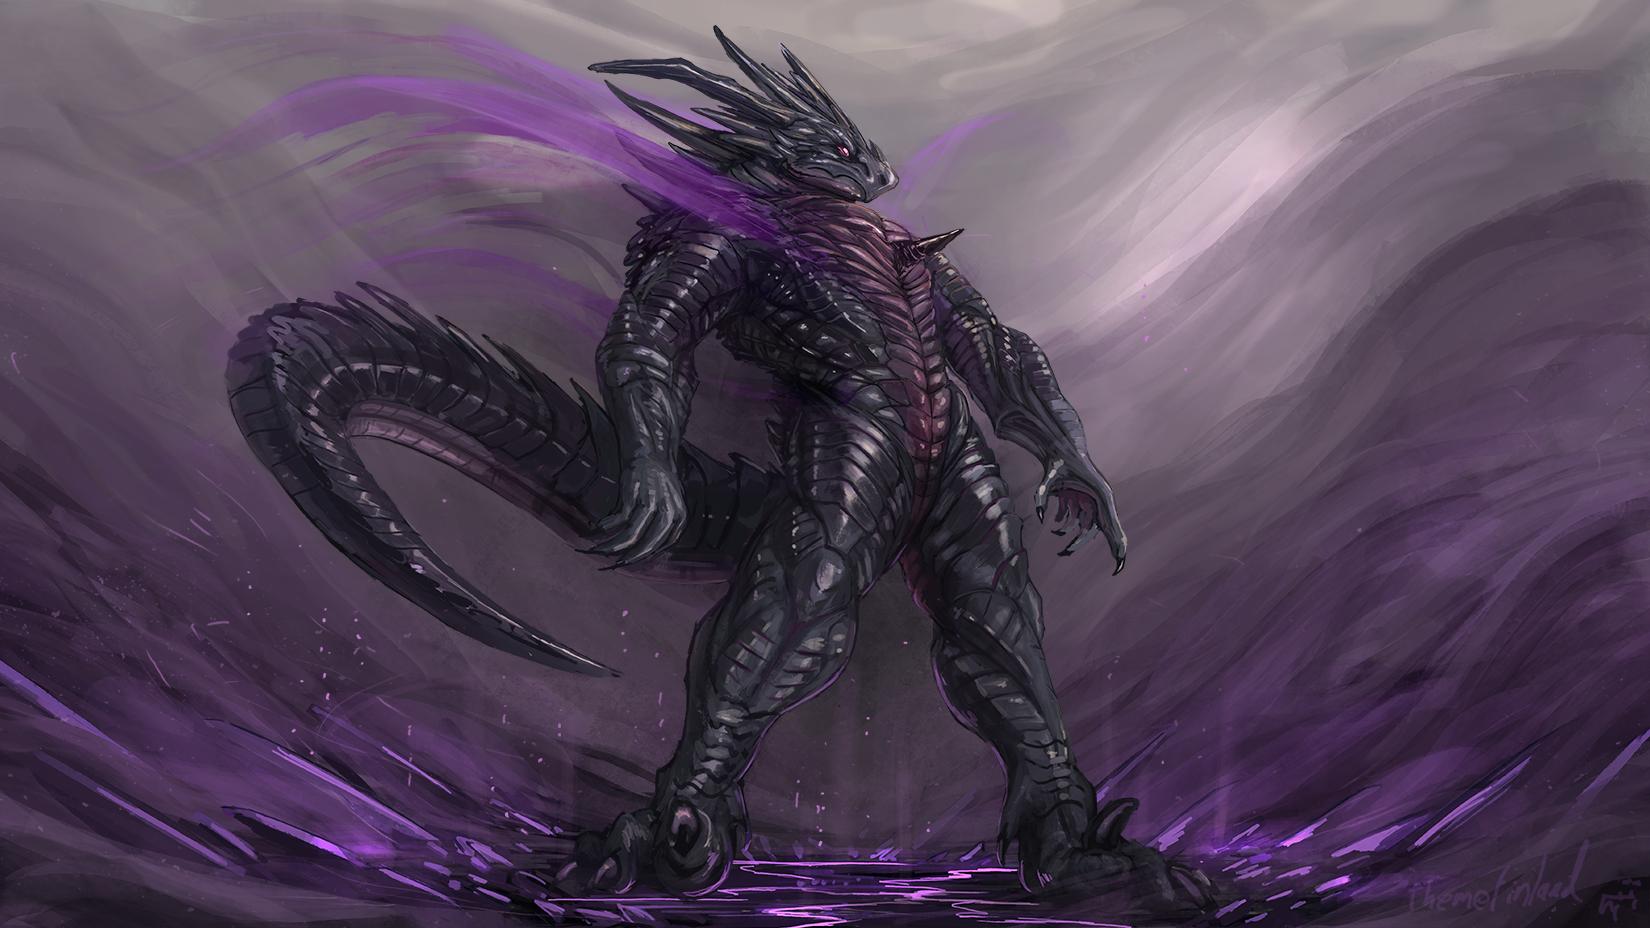 dragon form weasyl